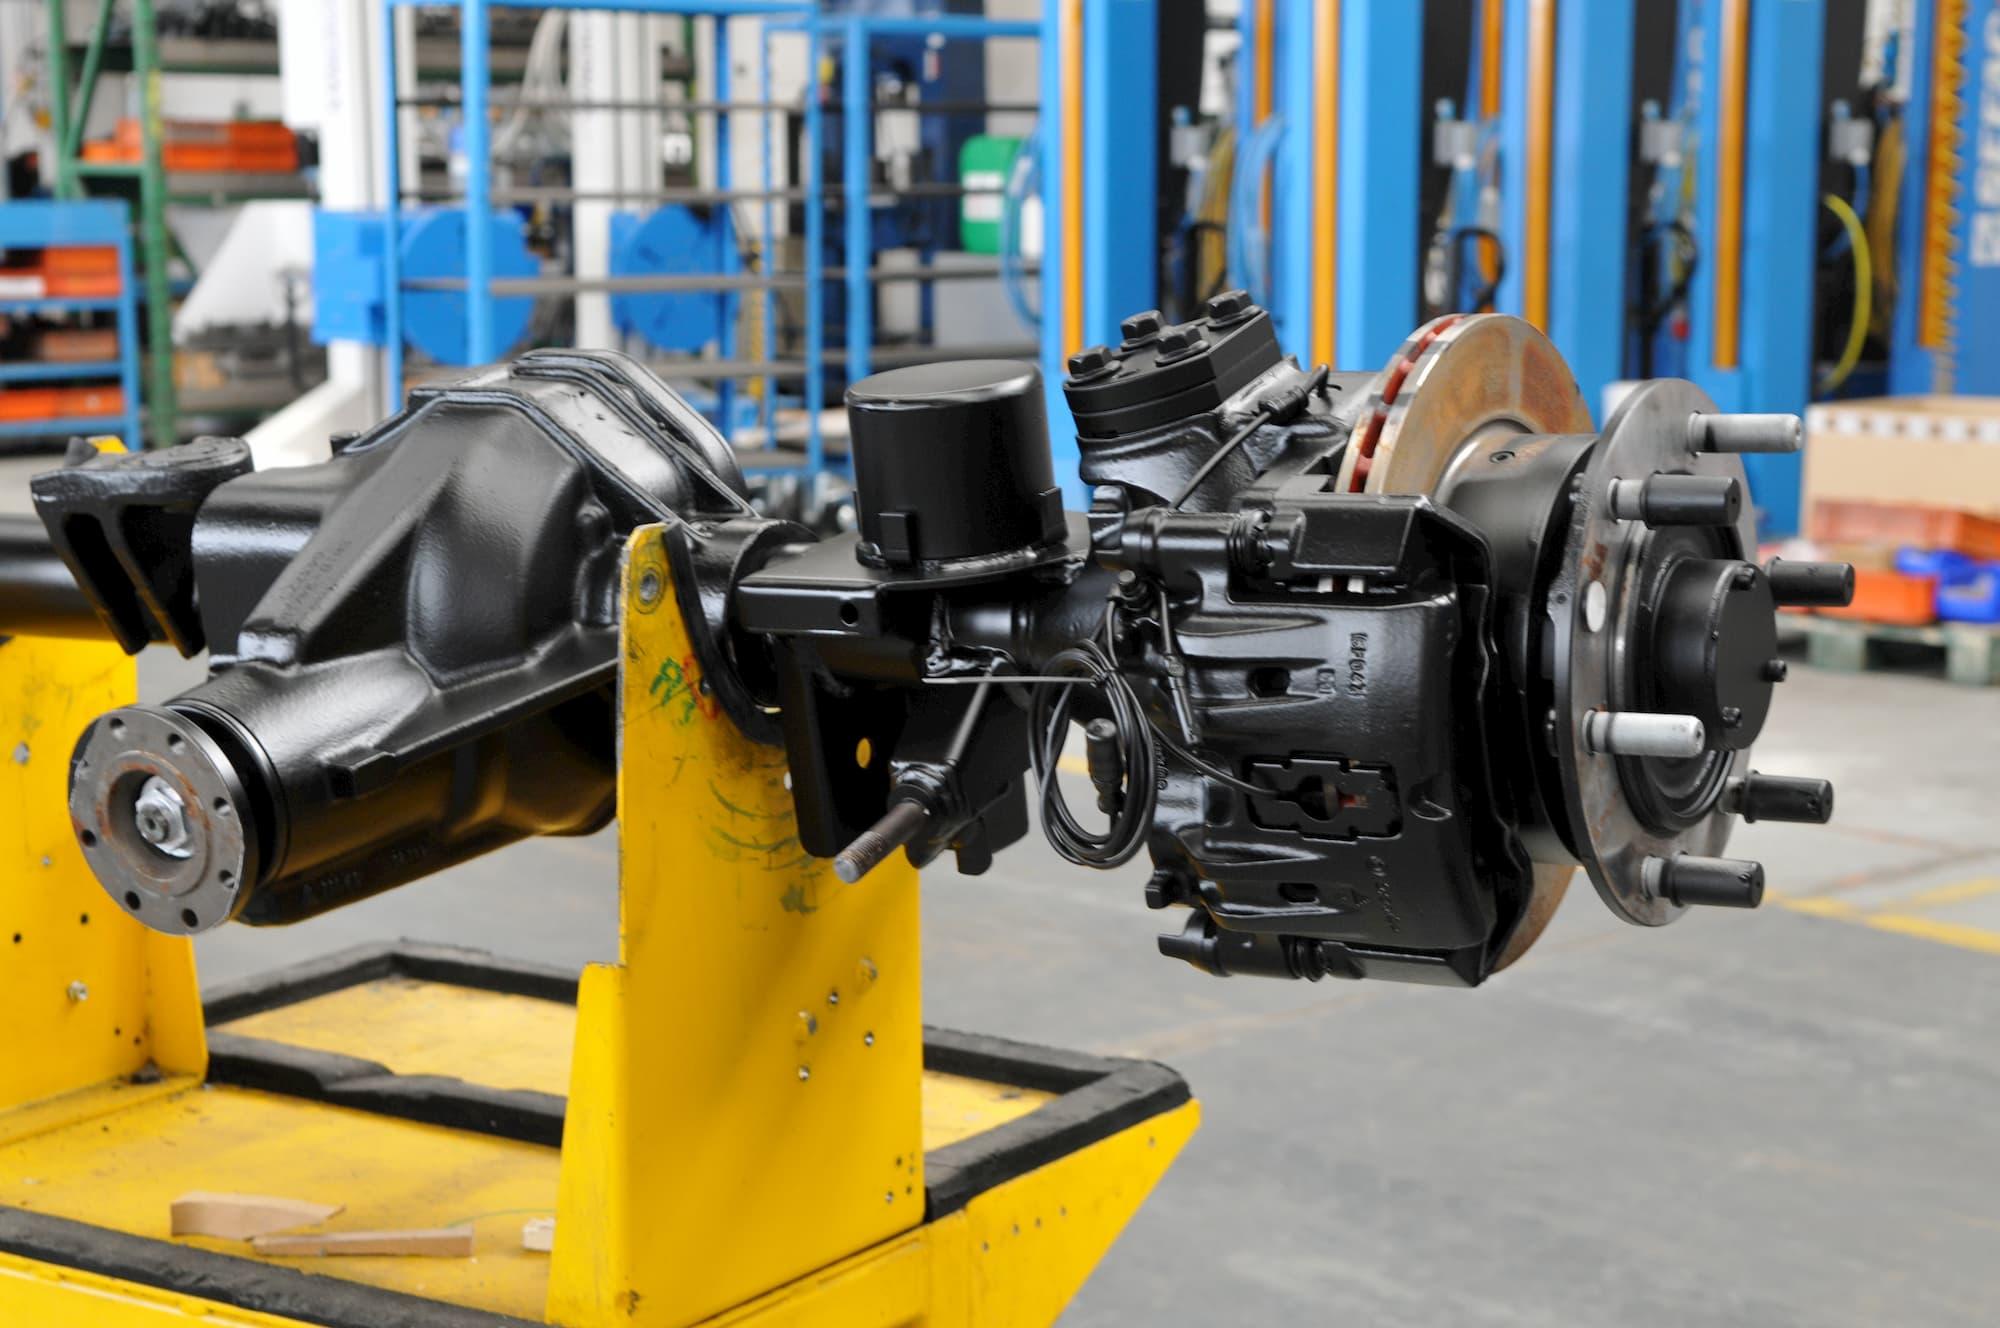 réparation entretien maintenance véhicule industriel Auvergne - JOGAM SET